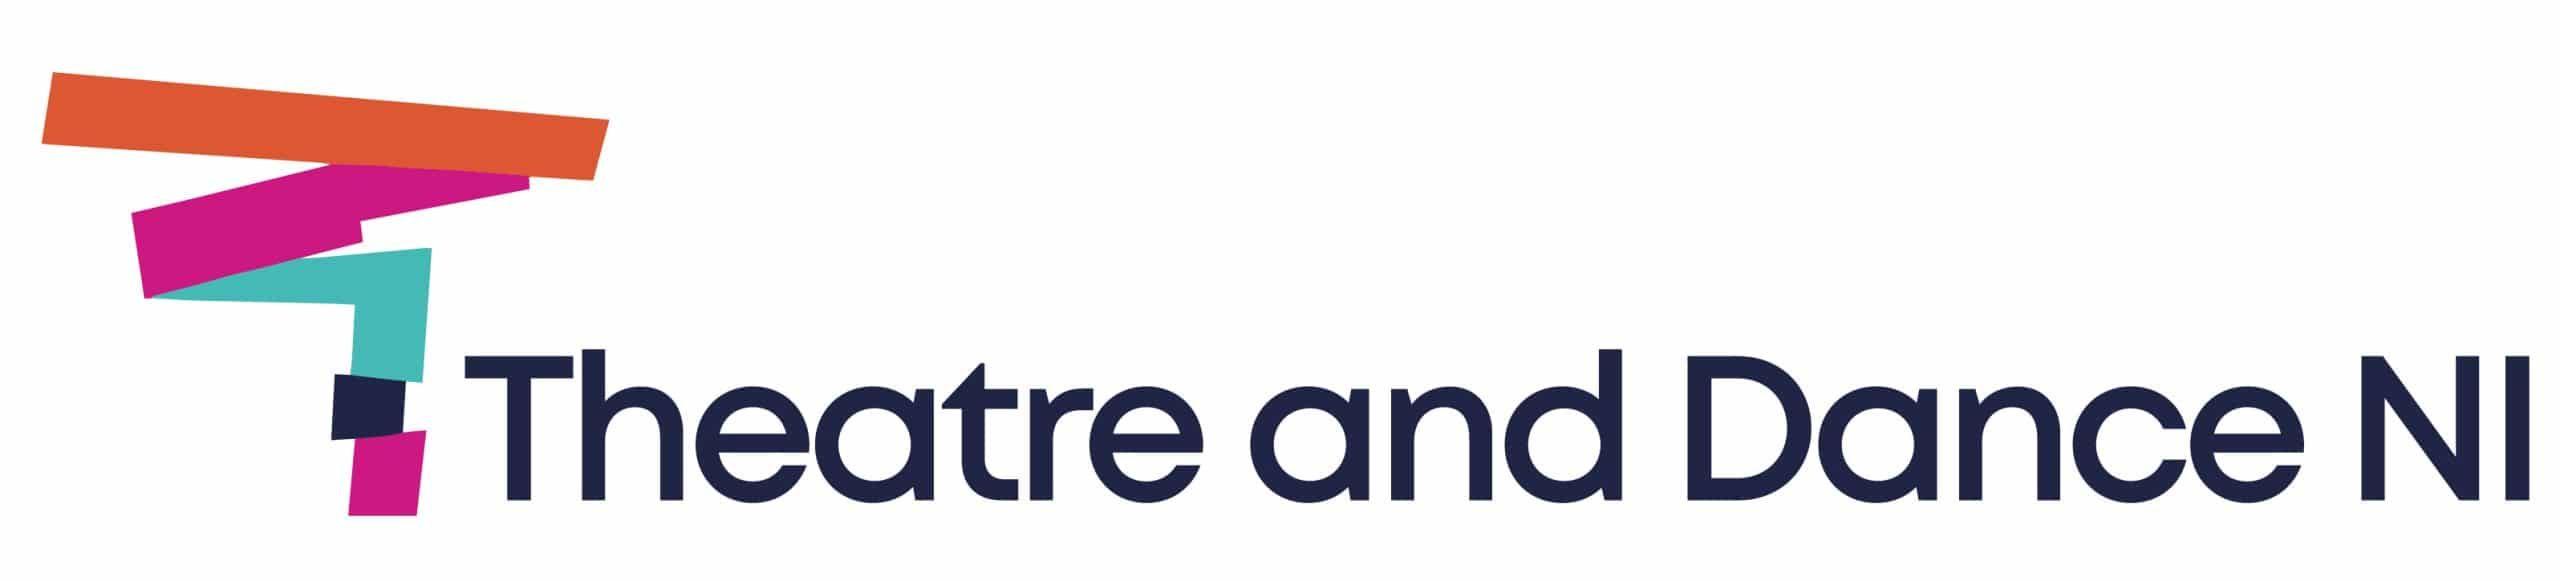 Theatre & Dance Ni Logo V2 01